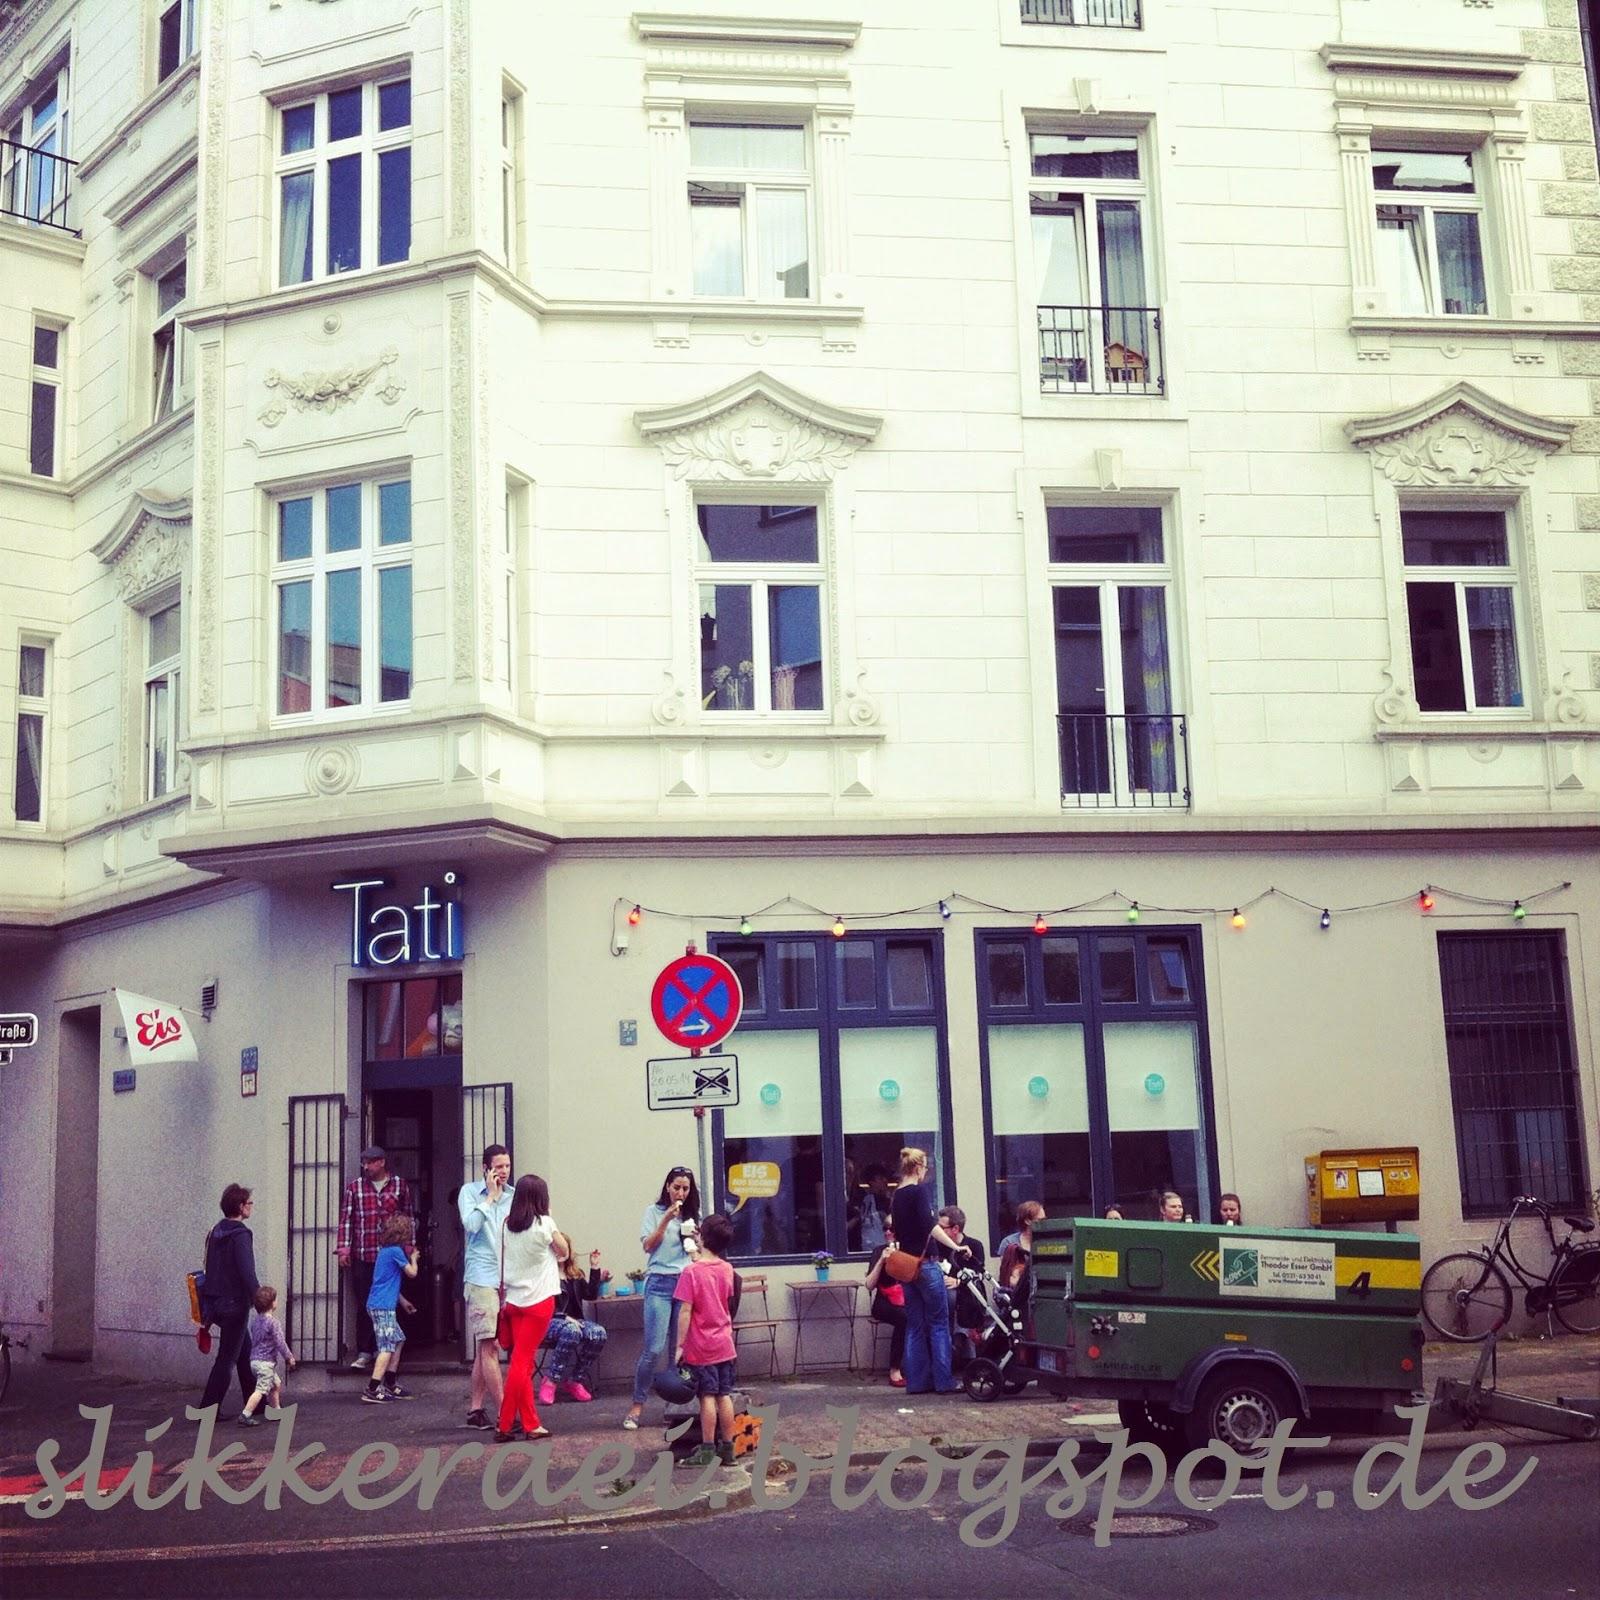 Slikker I Mein Food Blog Eis Eis Lecker Eis Tati In